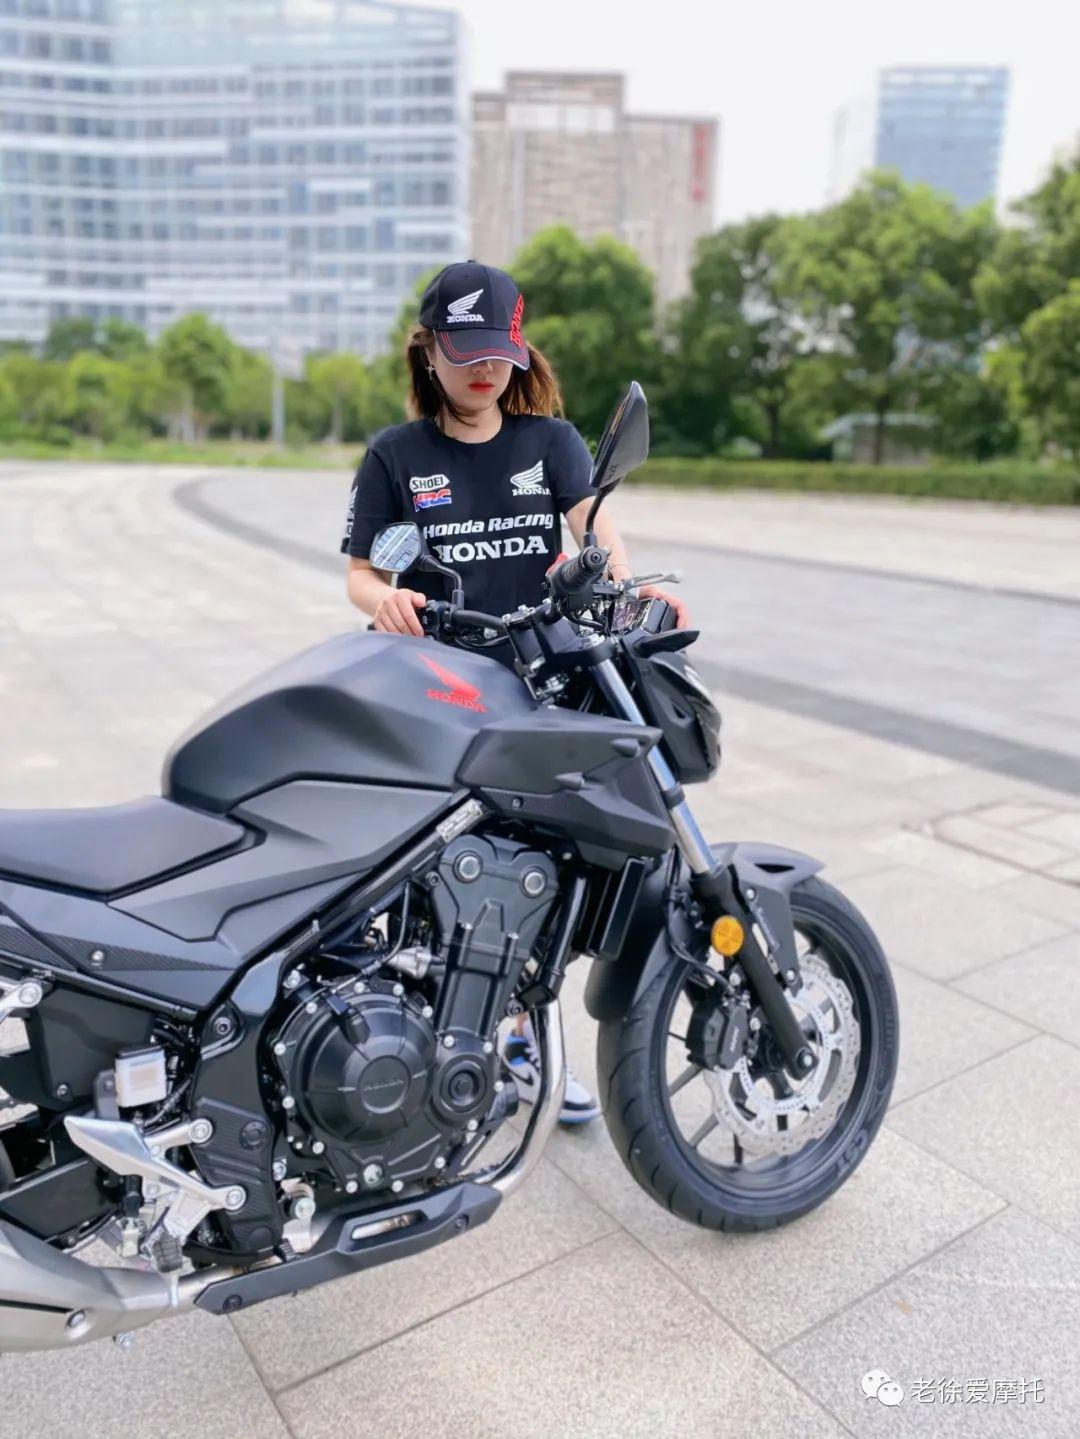 本田中排车型 - CB400F 入门级街车 实车介绍!-第9张图片-春风行摩托车之家